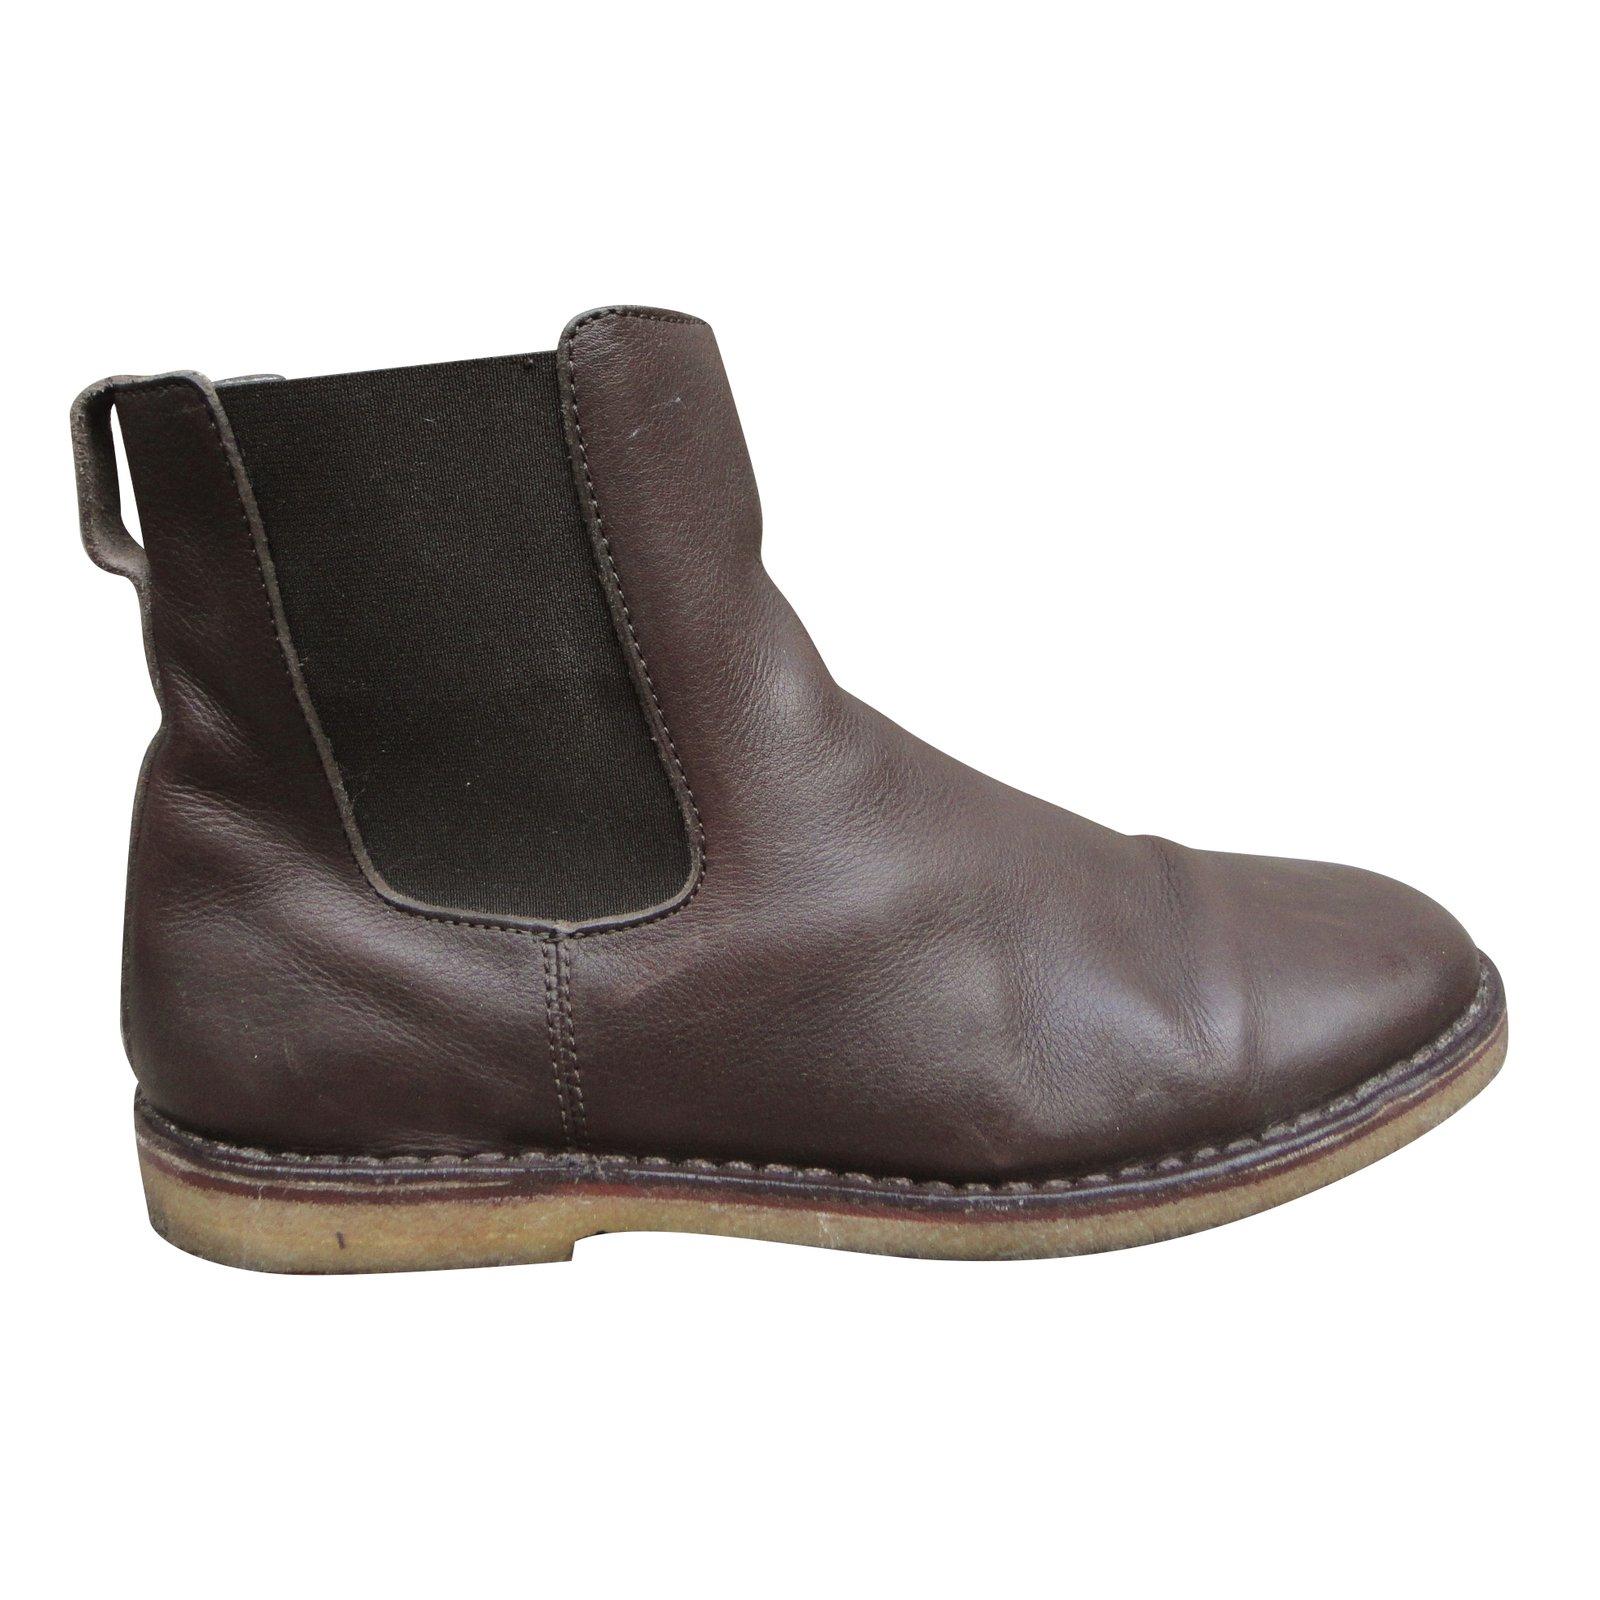 bottes boots apc bottes cuir marron fonc joli closet. Black Bedroom Furniture Sets. Home Design Ideas